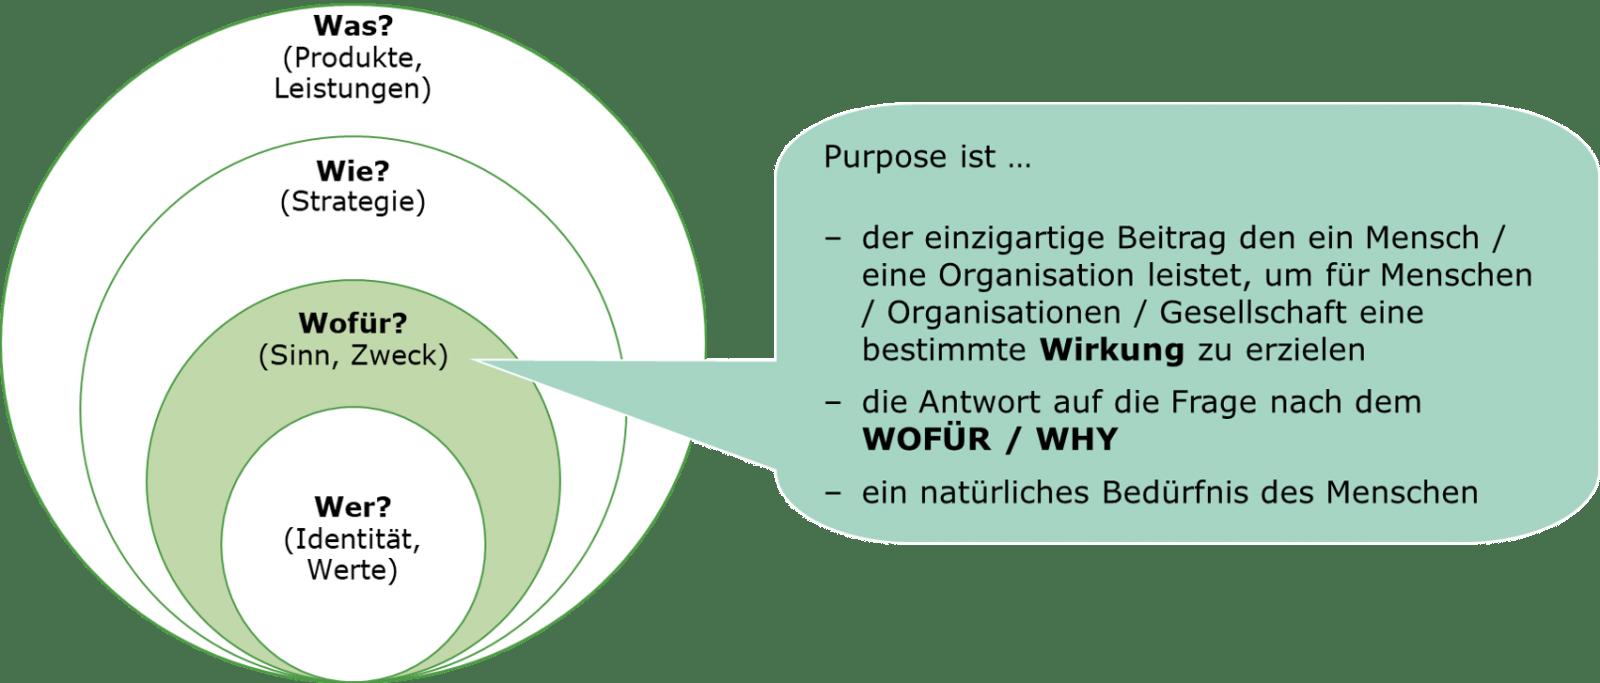 Darstellung des Why-Prozesses